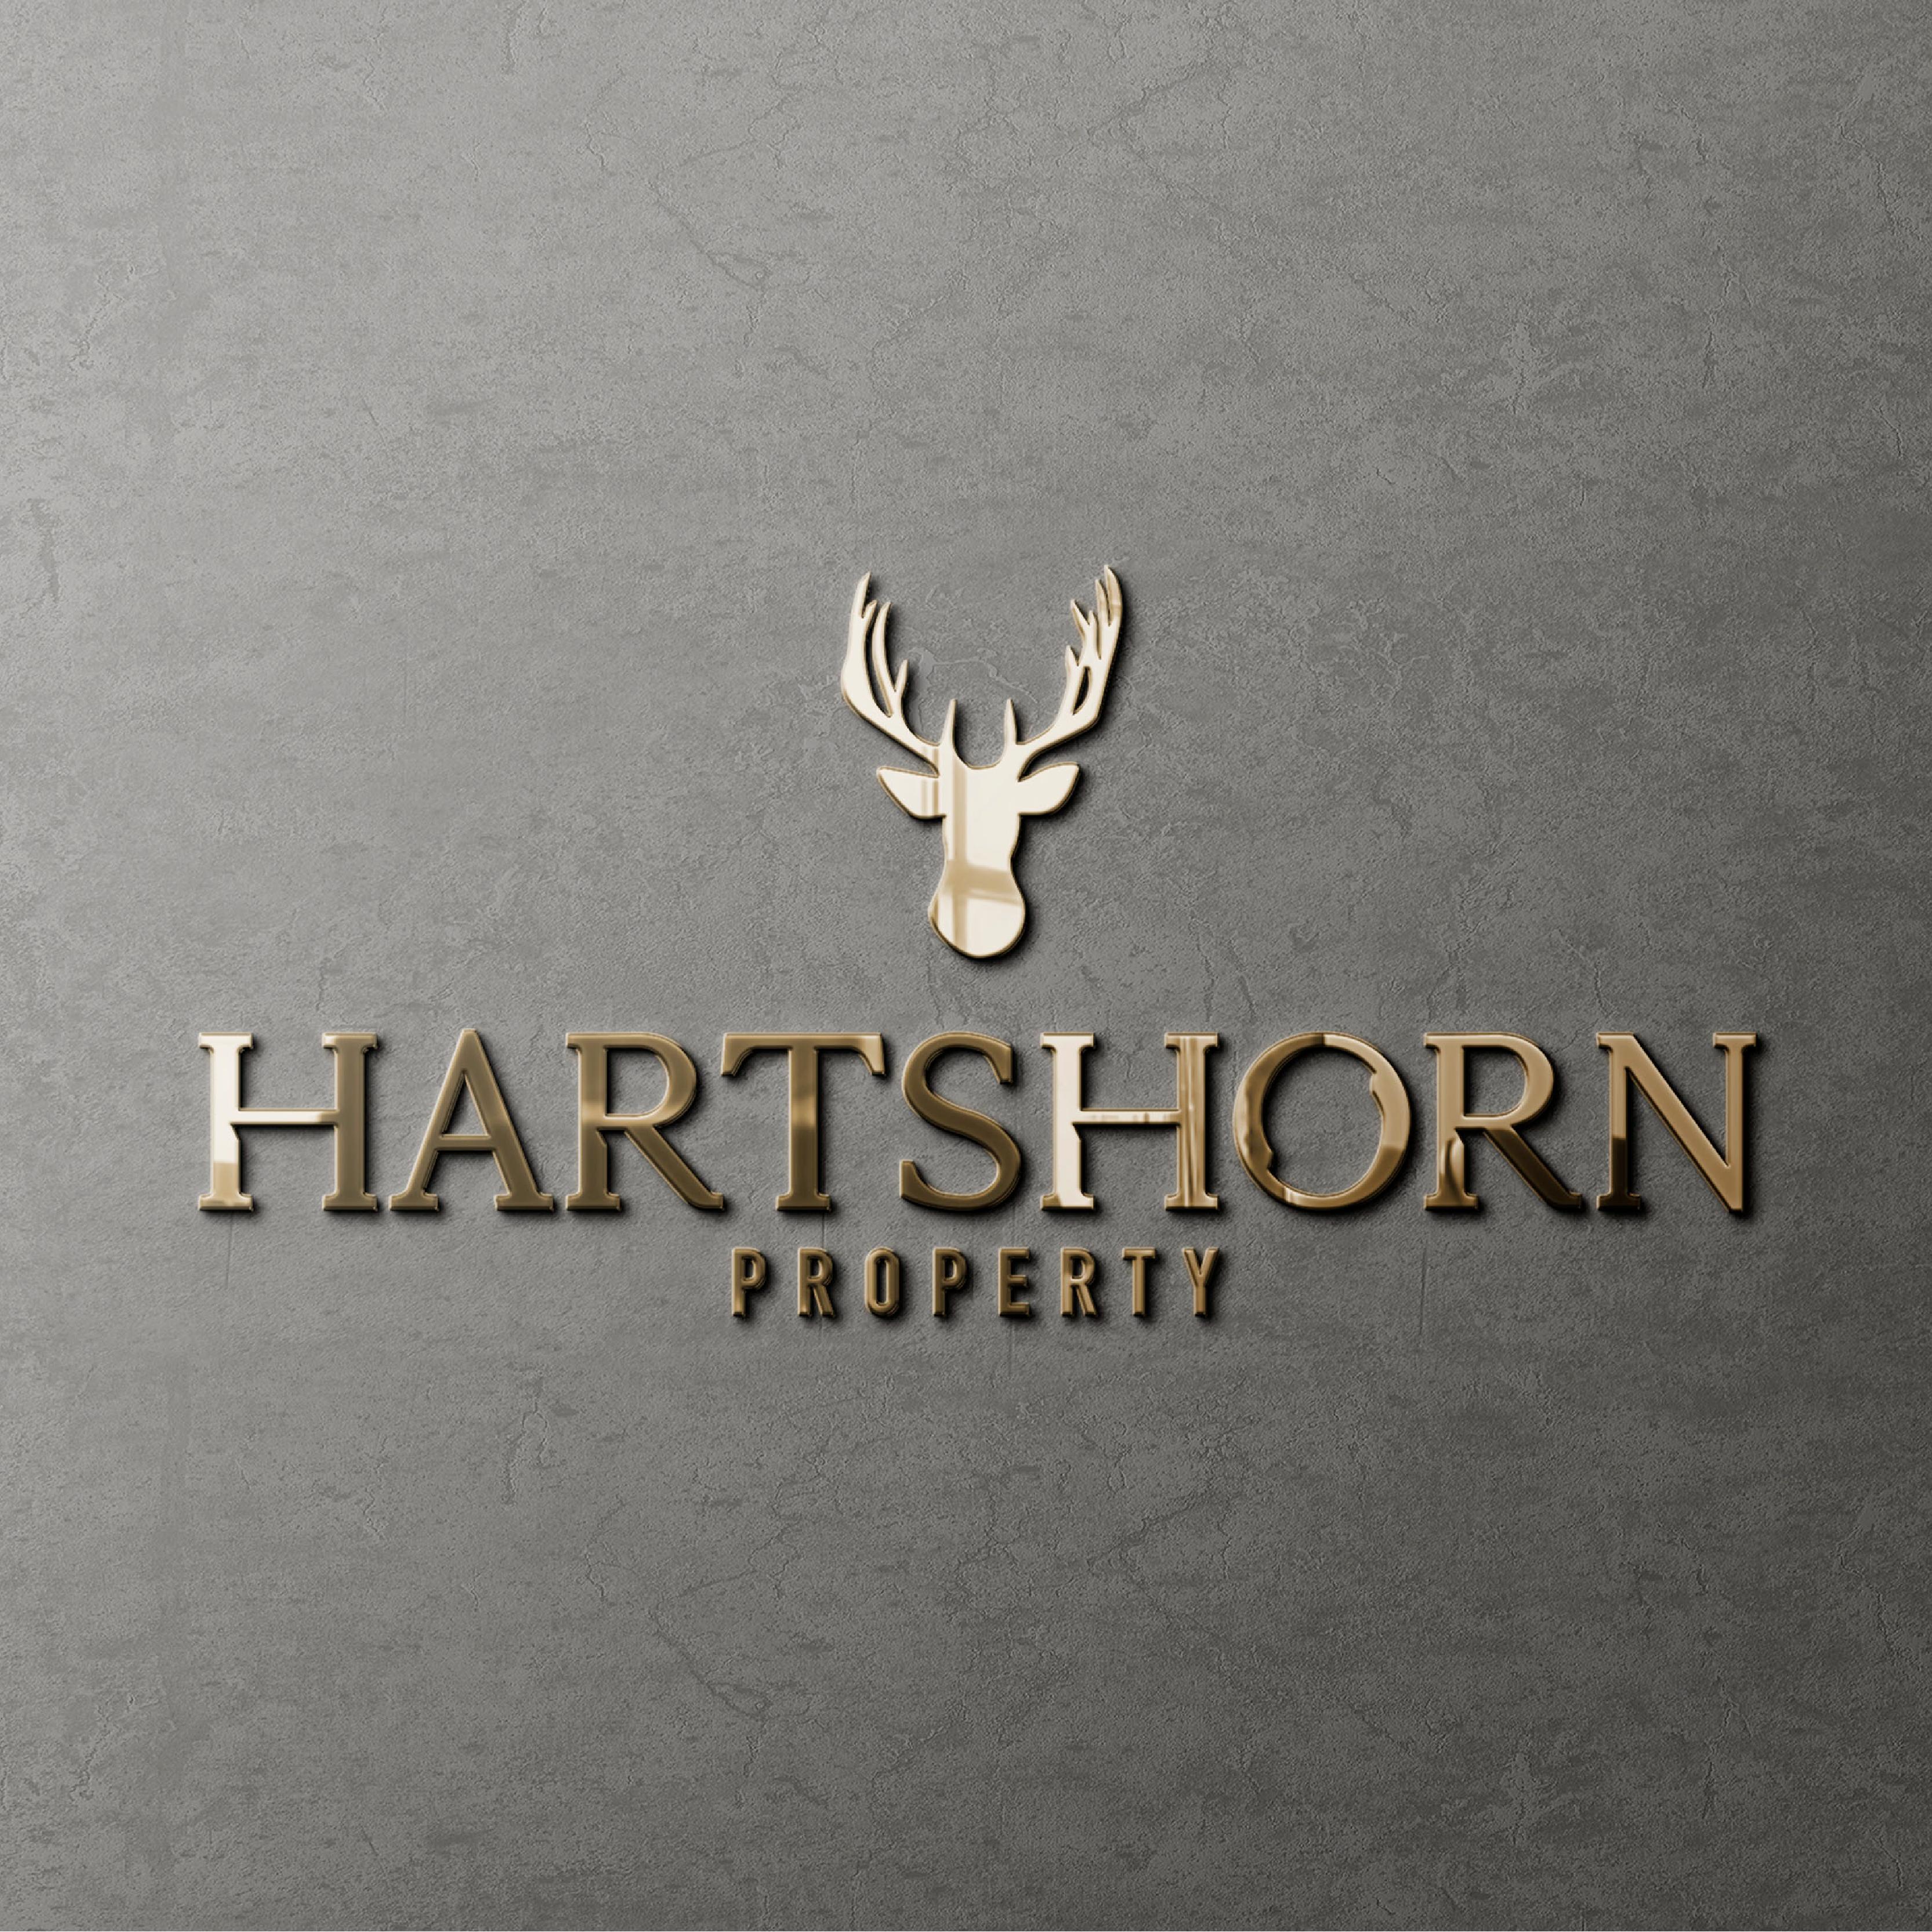 Hartshorn_SocialMockup-09